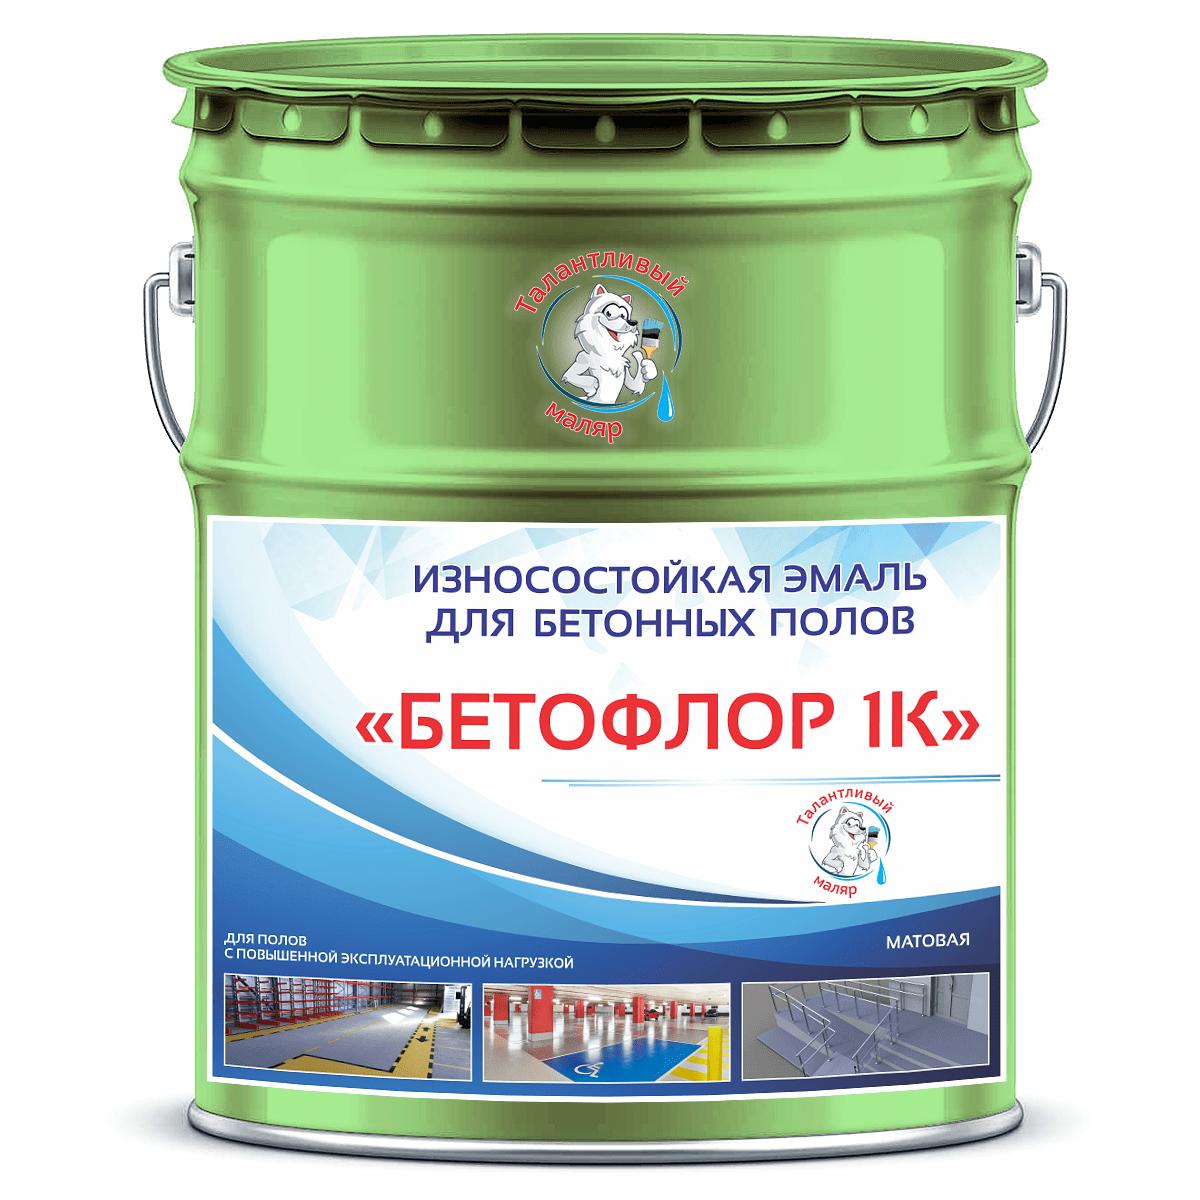 """Фото 22 - BF6021 Эмаль для бетонных полов """"Бетофлор"""" 1К цвет RAL 6021 Бледно-зеленый, матовая износостойкая, 25 кг """"Талантливый Маляр""""."""